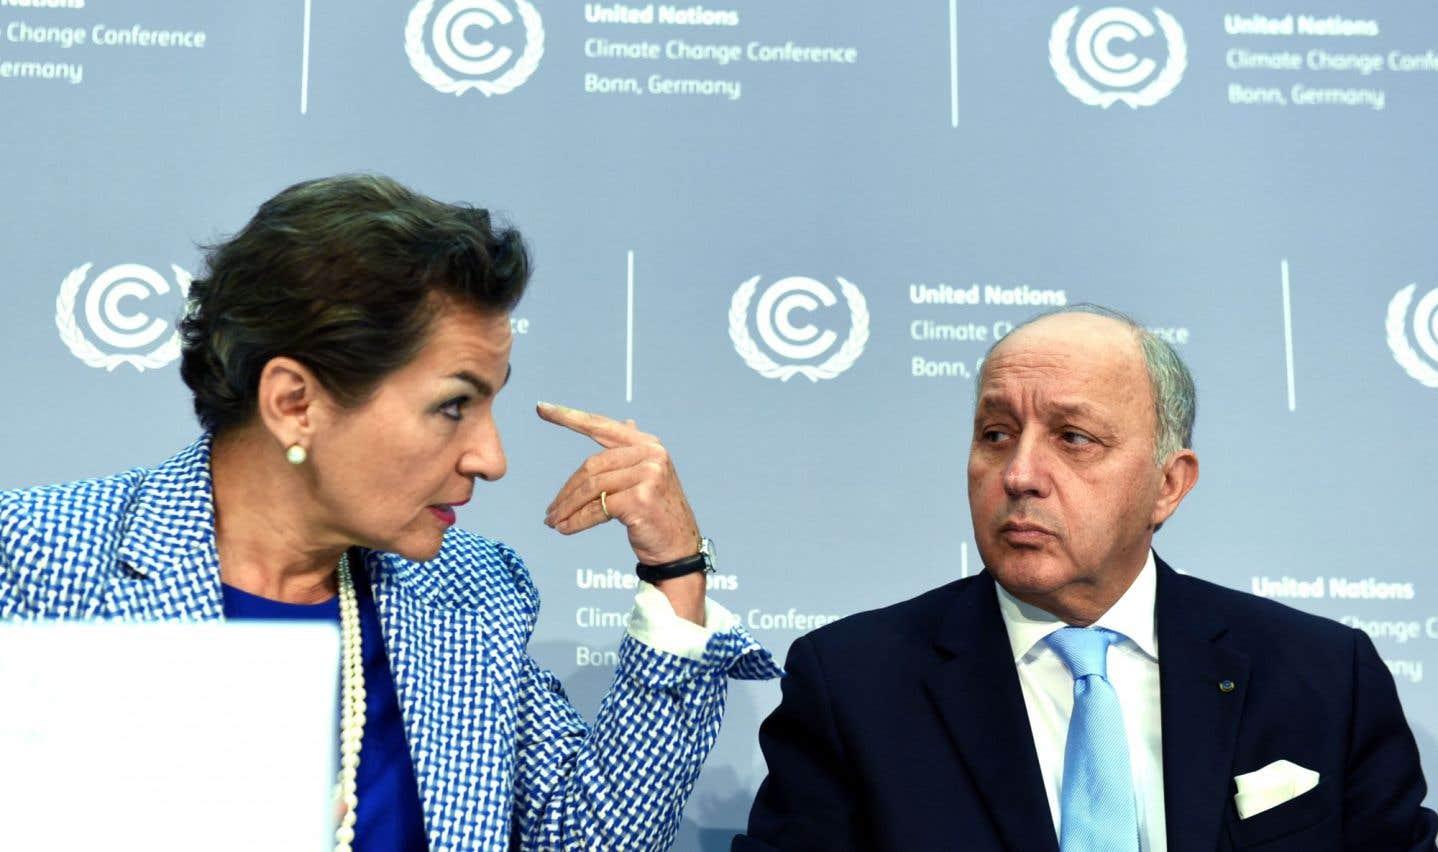 À Bonn, semaine décisive pour la COP21